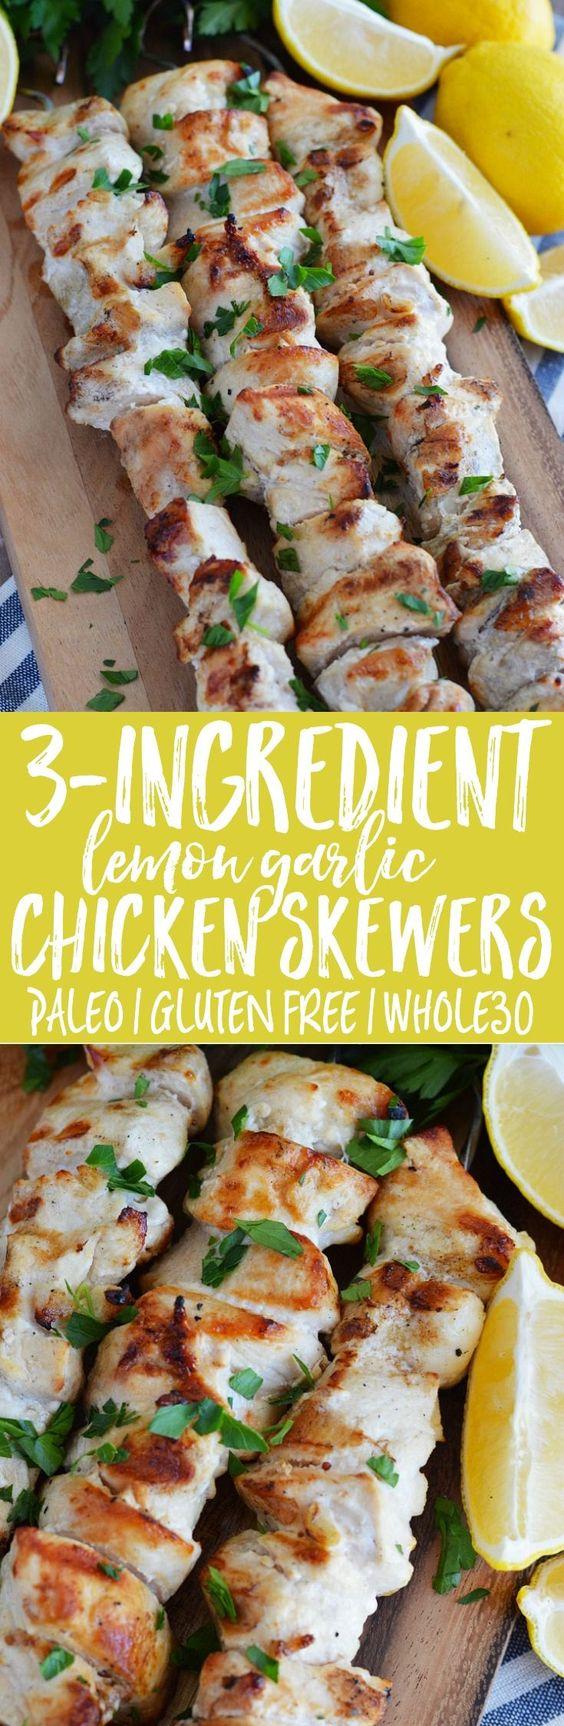 3-ingredient lemon garlic chicken skewers - paleo, gluten free, whole30